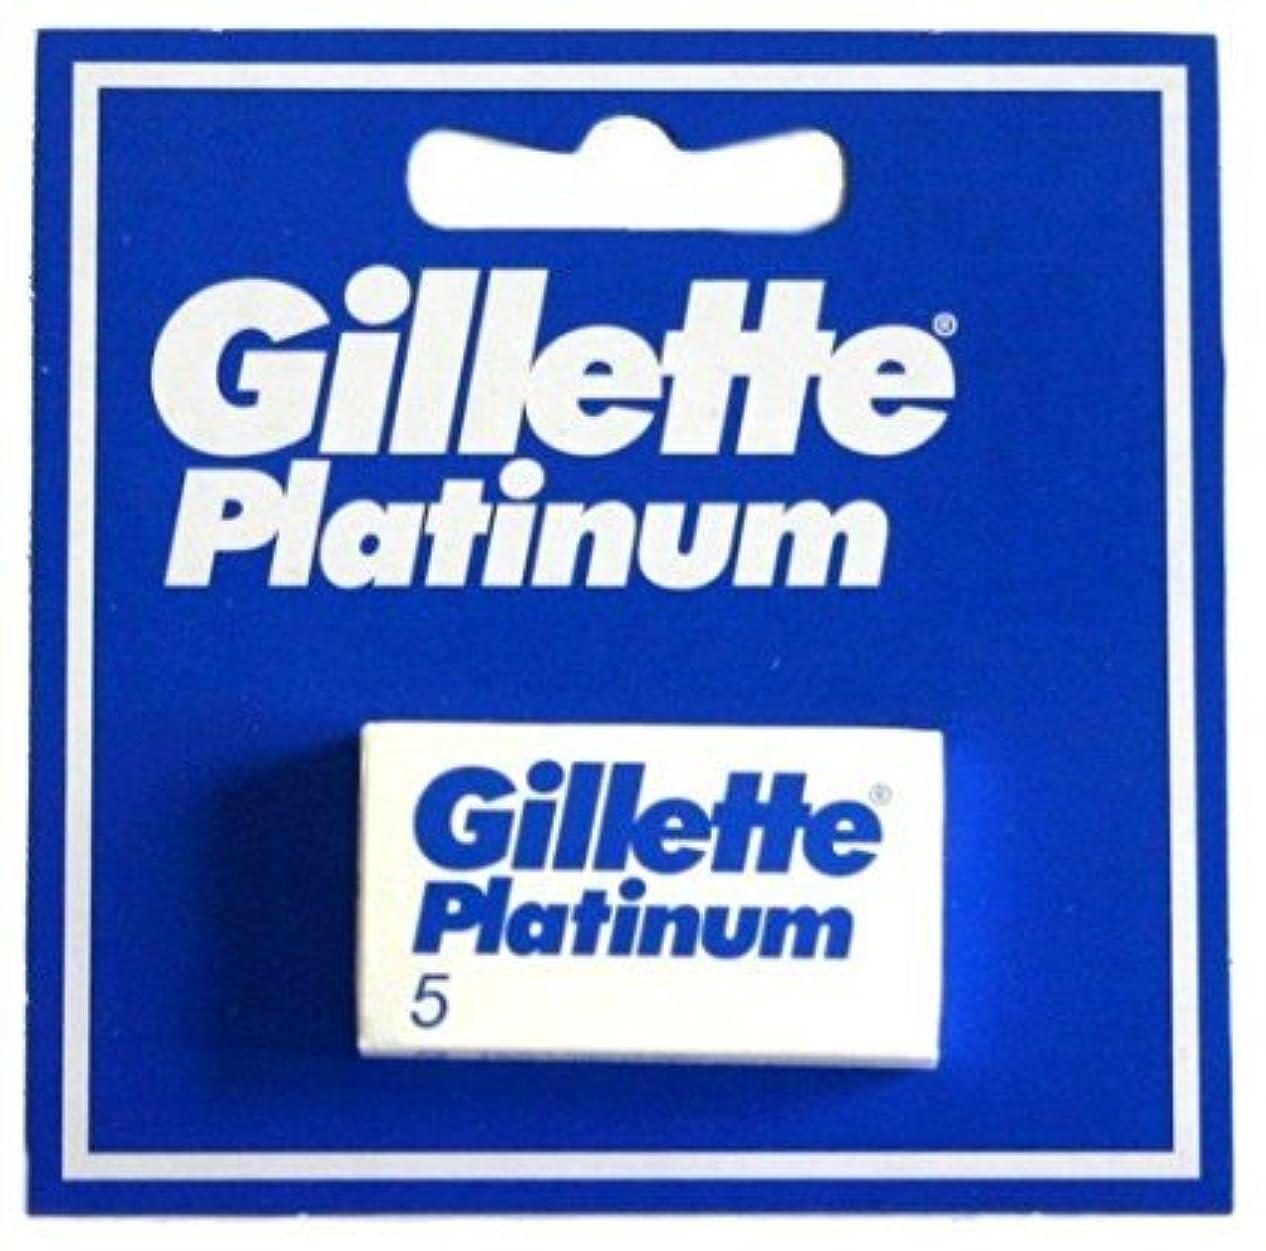 小説マイナス法令Gillette Platinum [プレミアムホワイトボックス版!] ジレット プラチナ 両刃替刃 20個入り (5*4) [海外直送品] [並行輸入品]